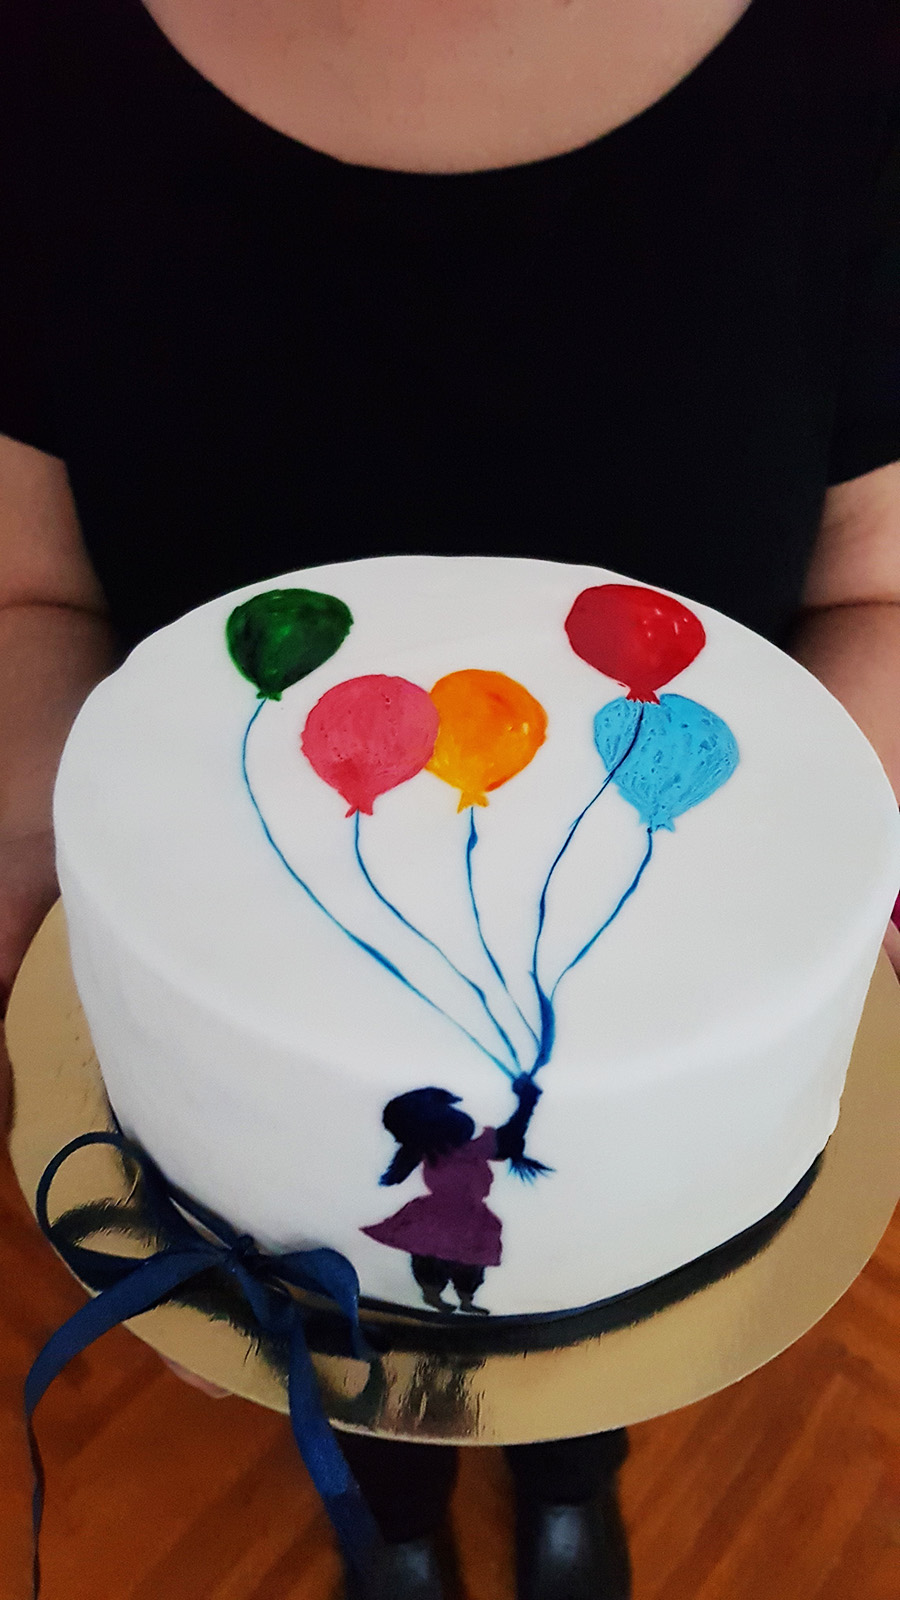 tort pictat cu pasta de zahar